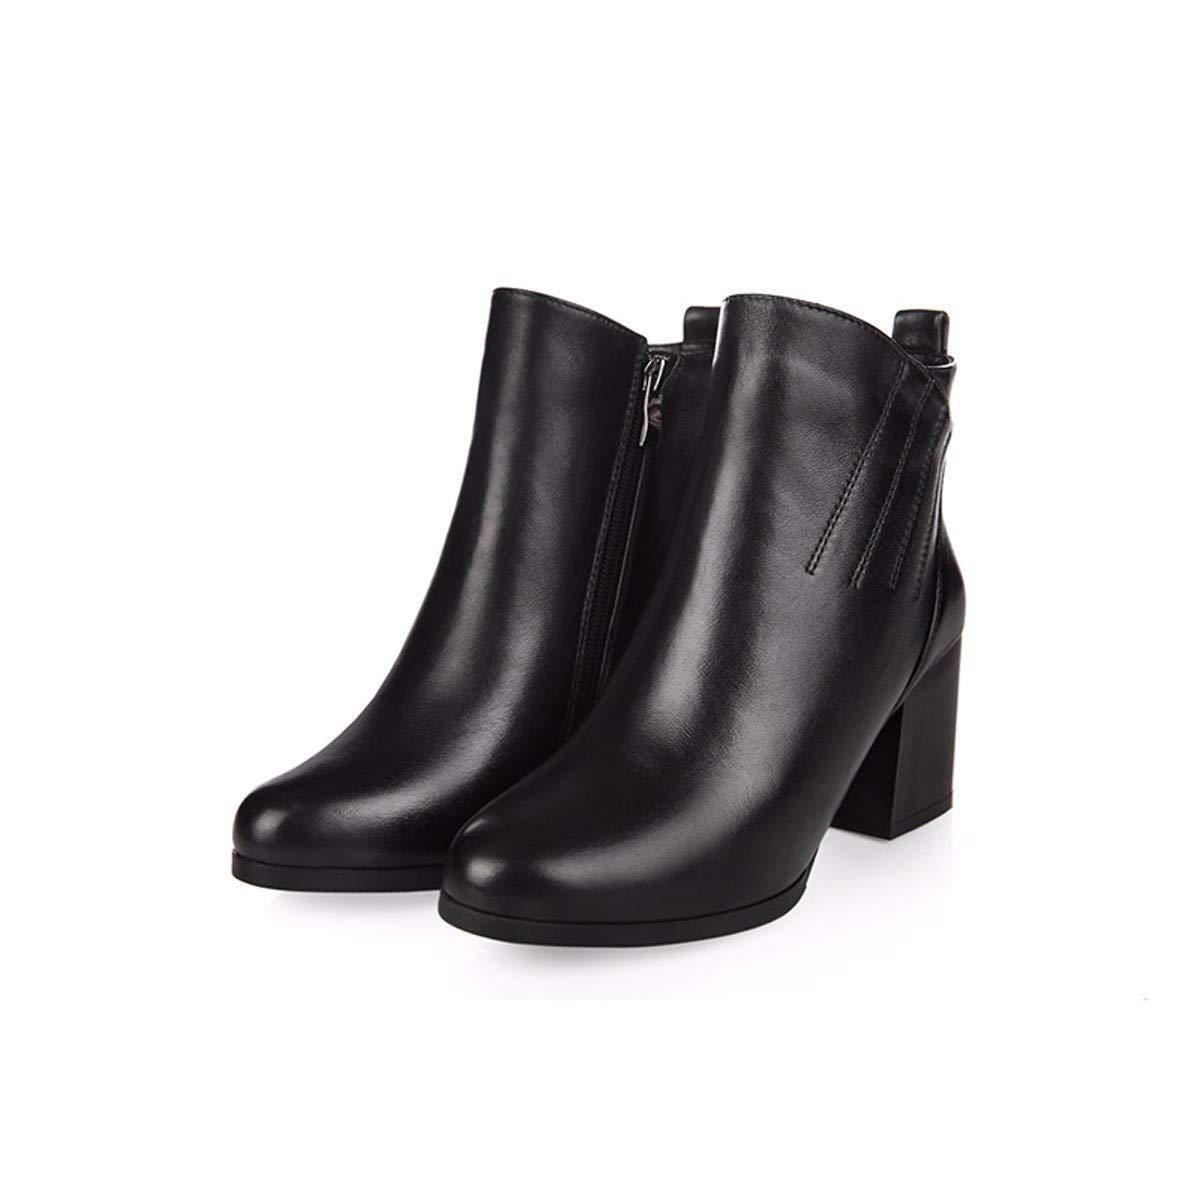 HBDLH Damenschuhe Samt Kurze Stiefel Weiblich Dicke Wurzeln Nahen Heels Hochhackige 5Cm Seite Reißverschlüsse und Blanken Stiefeln Damenschuhe Martin Stiefel.